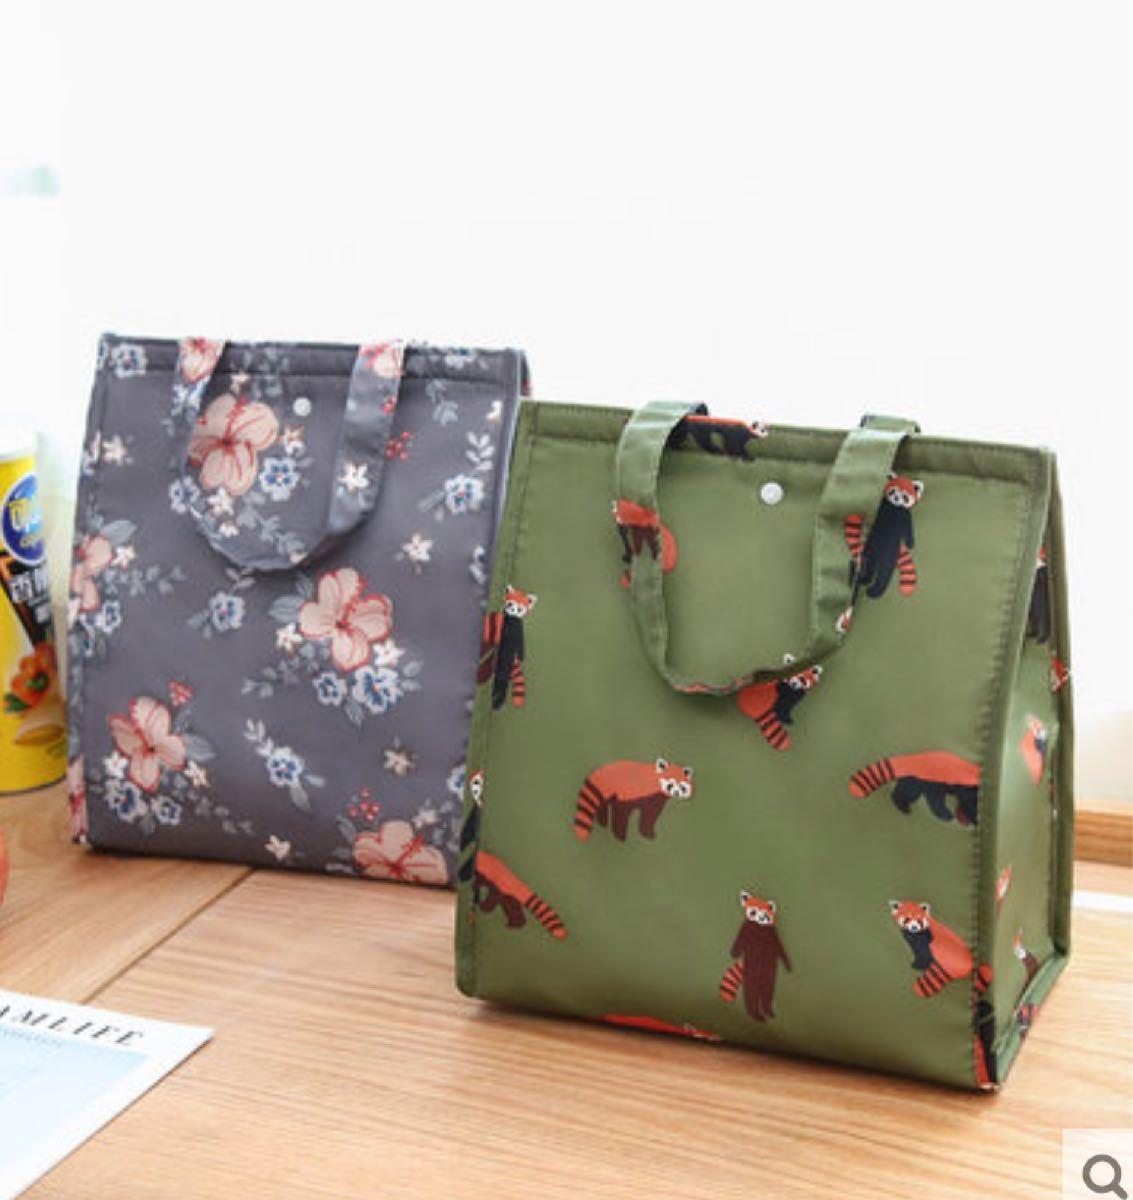 トラベルベントボックス断熱ランチピクニック収納バッグ折りたたみ式バッグ防水